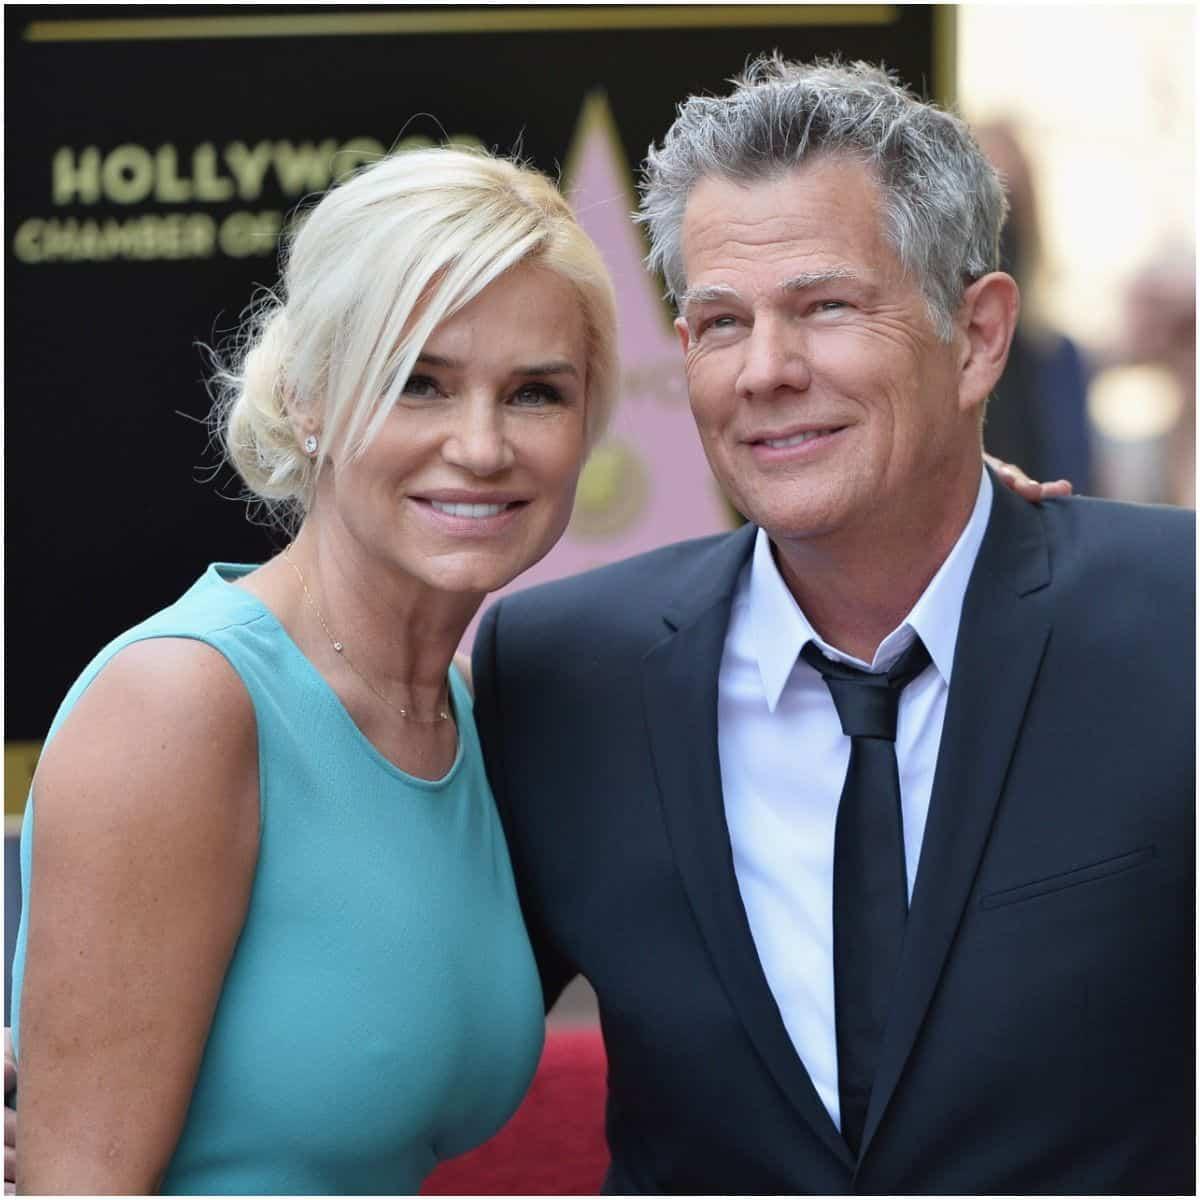 David Foster and ex-wife Yolanda Hadid